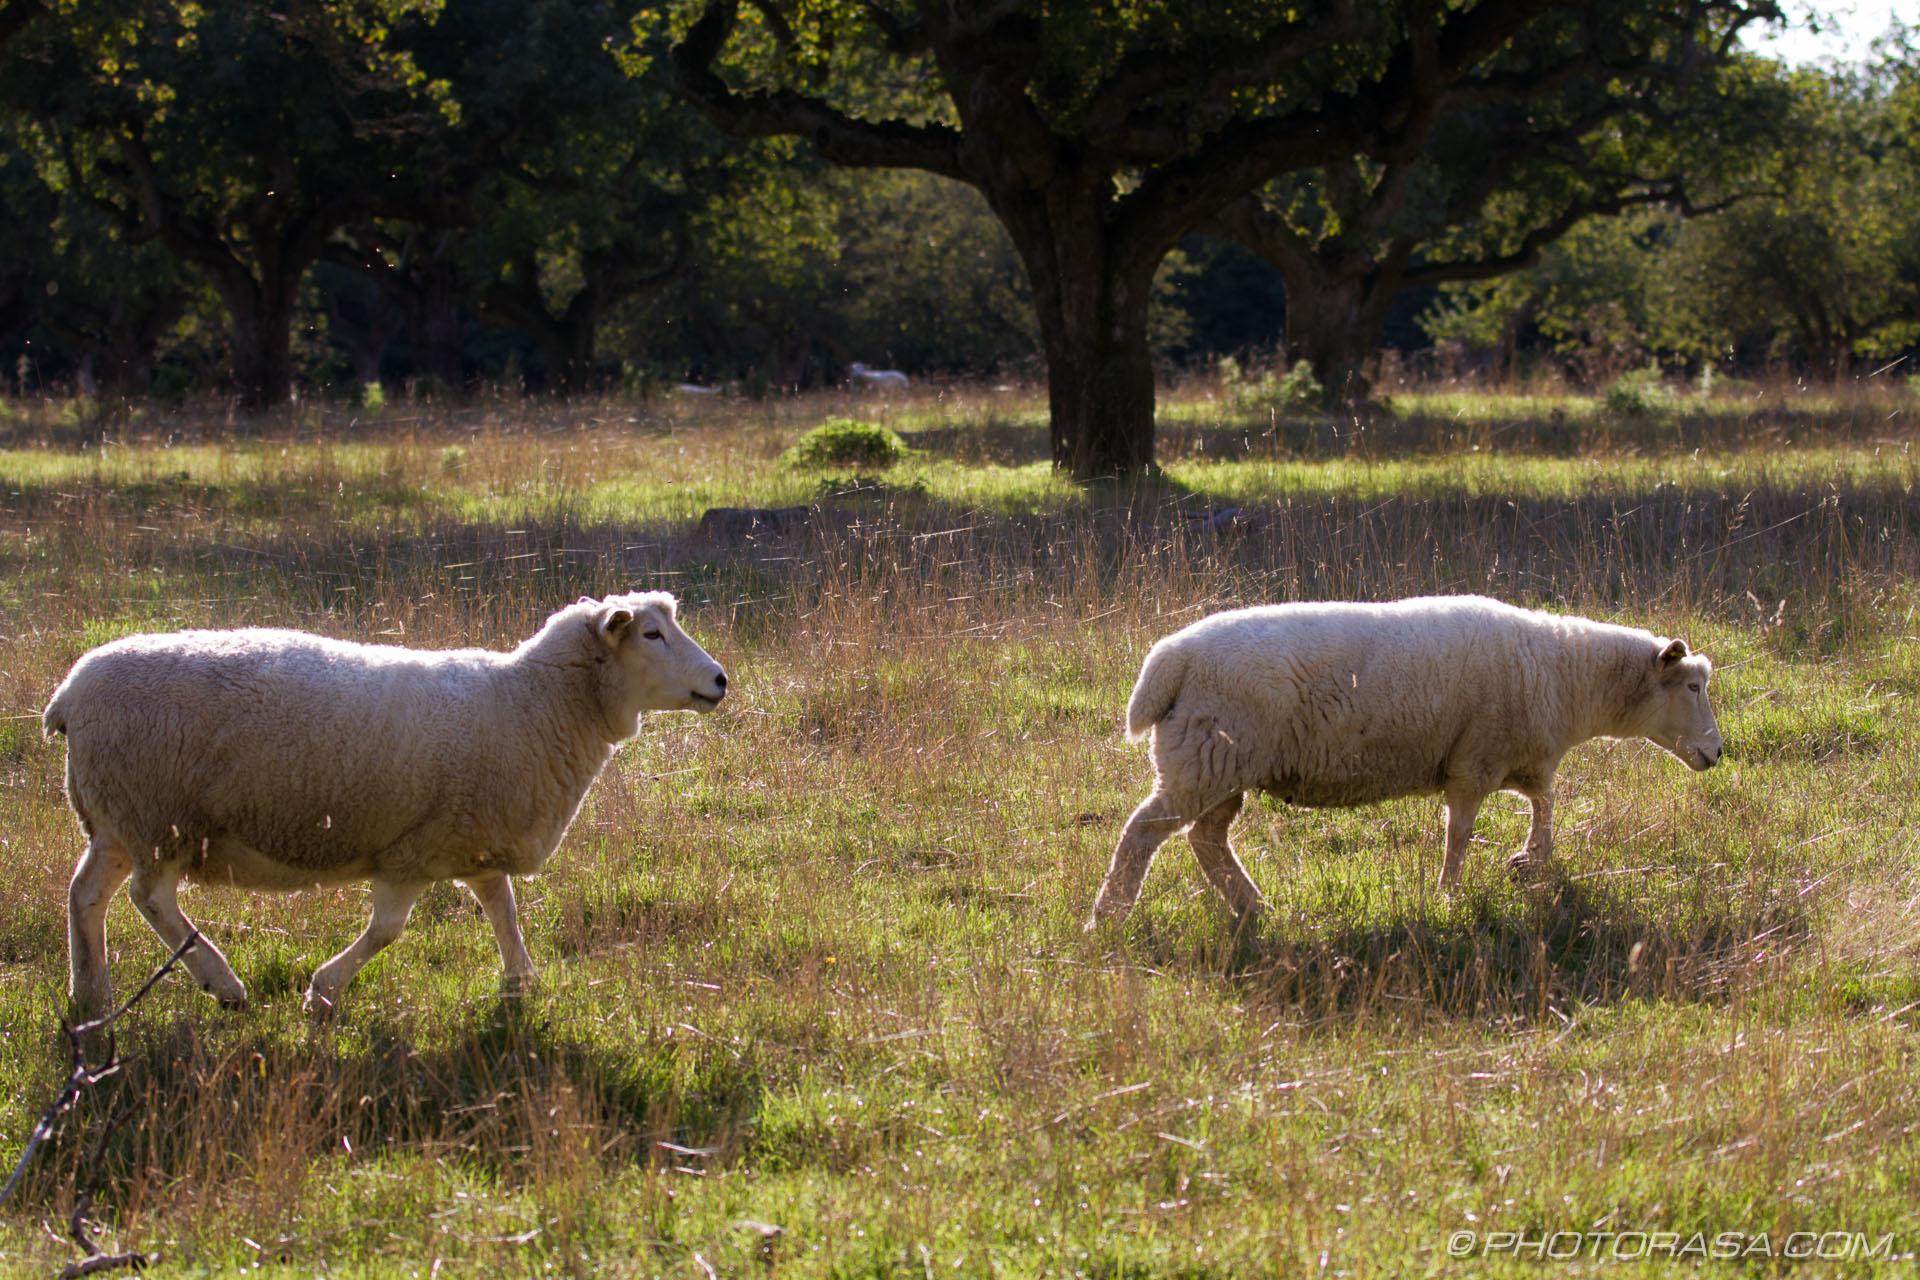 http://photorasa.com/sheep/two-romney-sheep-walking-across-field-in-sunlight/